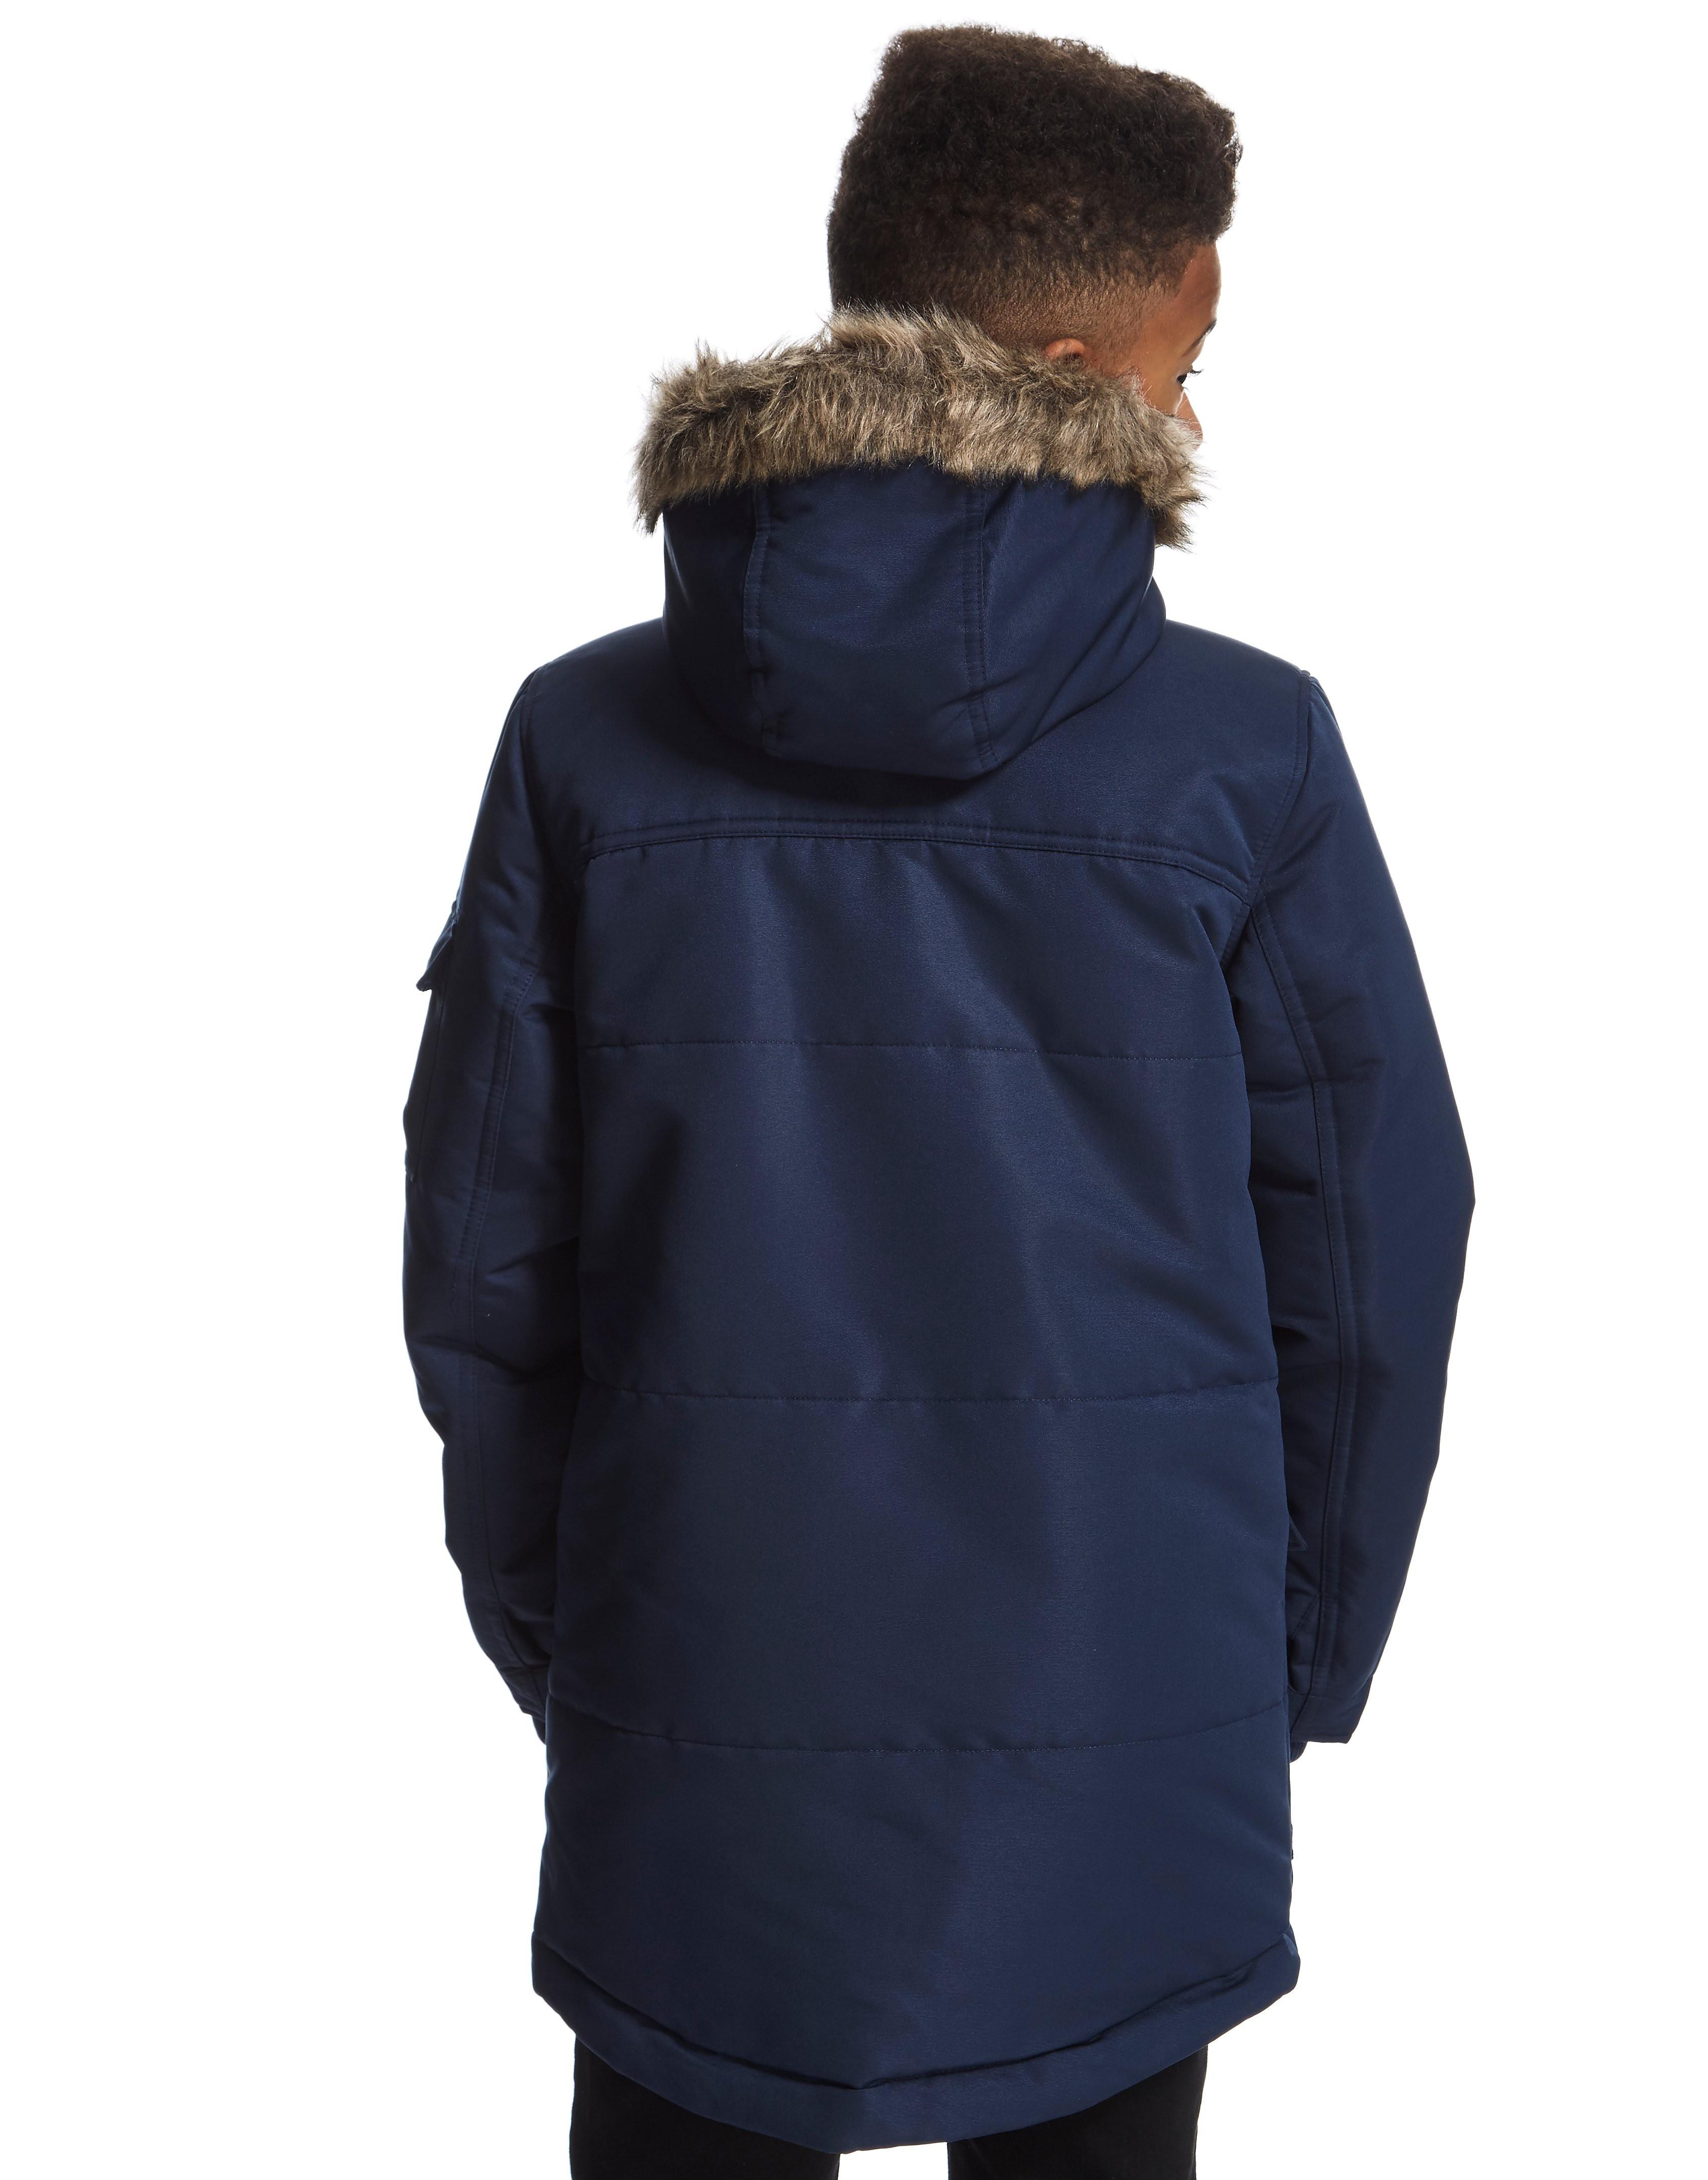 Sonneti Vade Jacket Junior